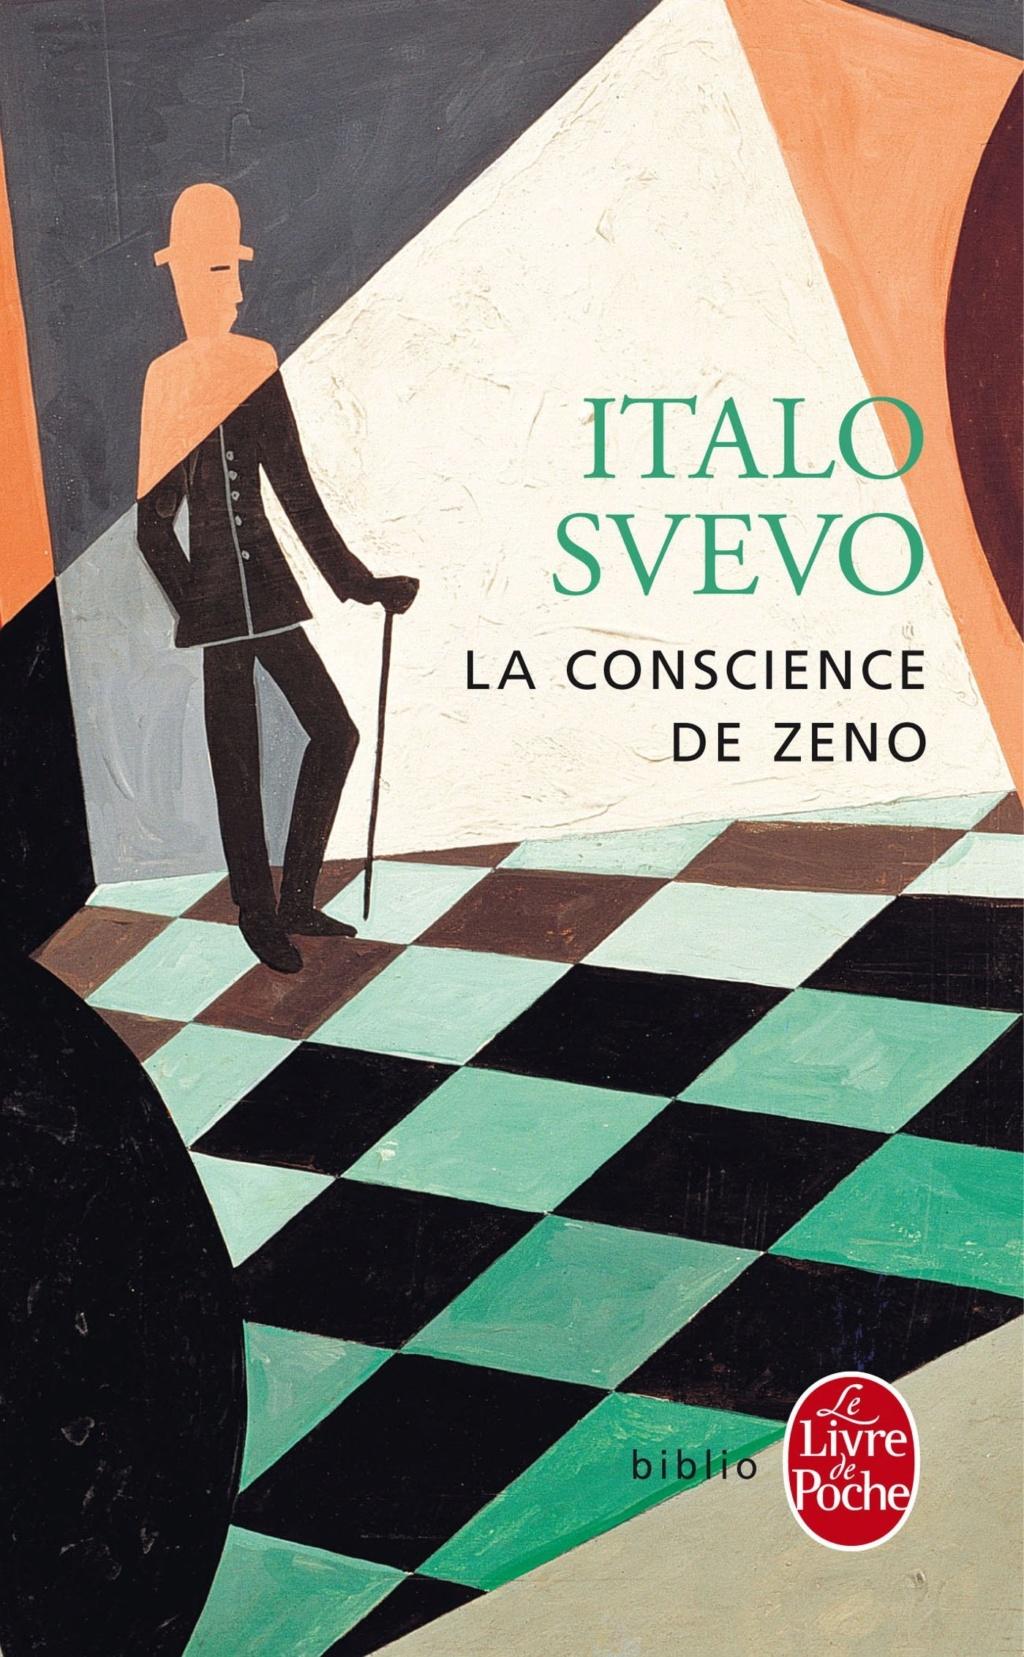 Italo Svevo  91cdp010